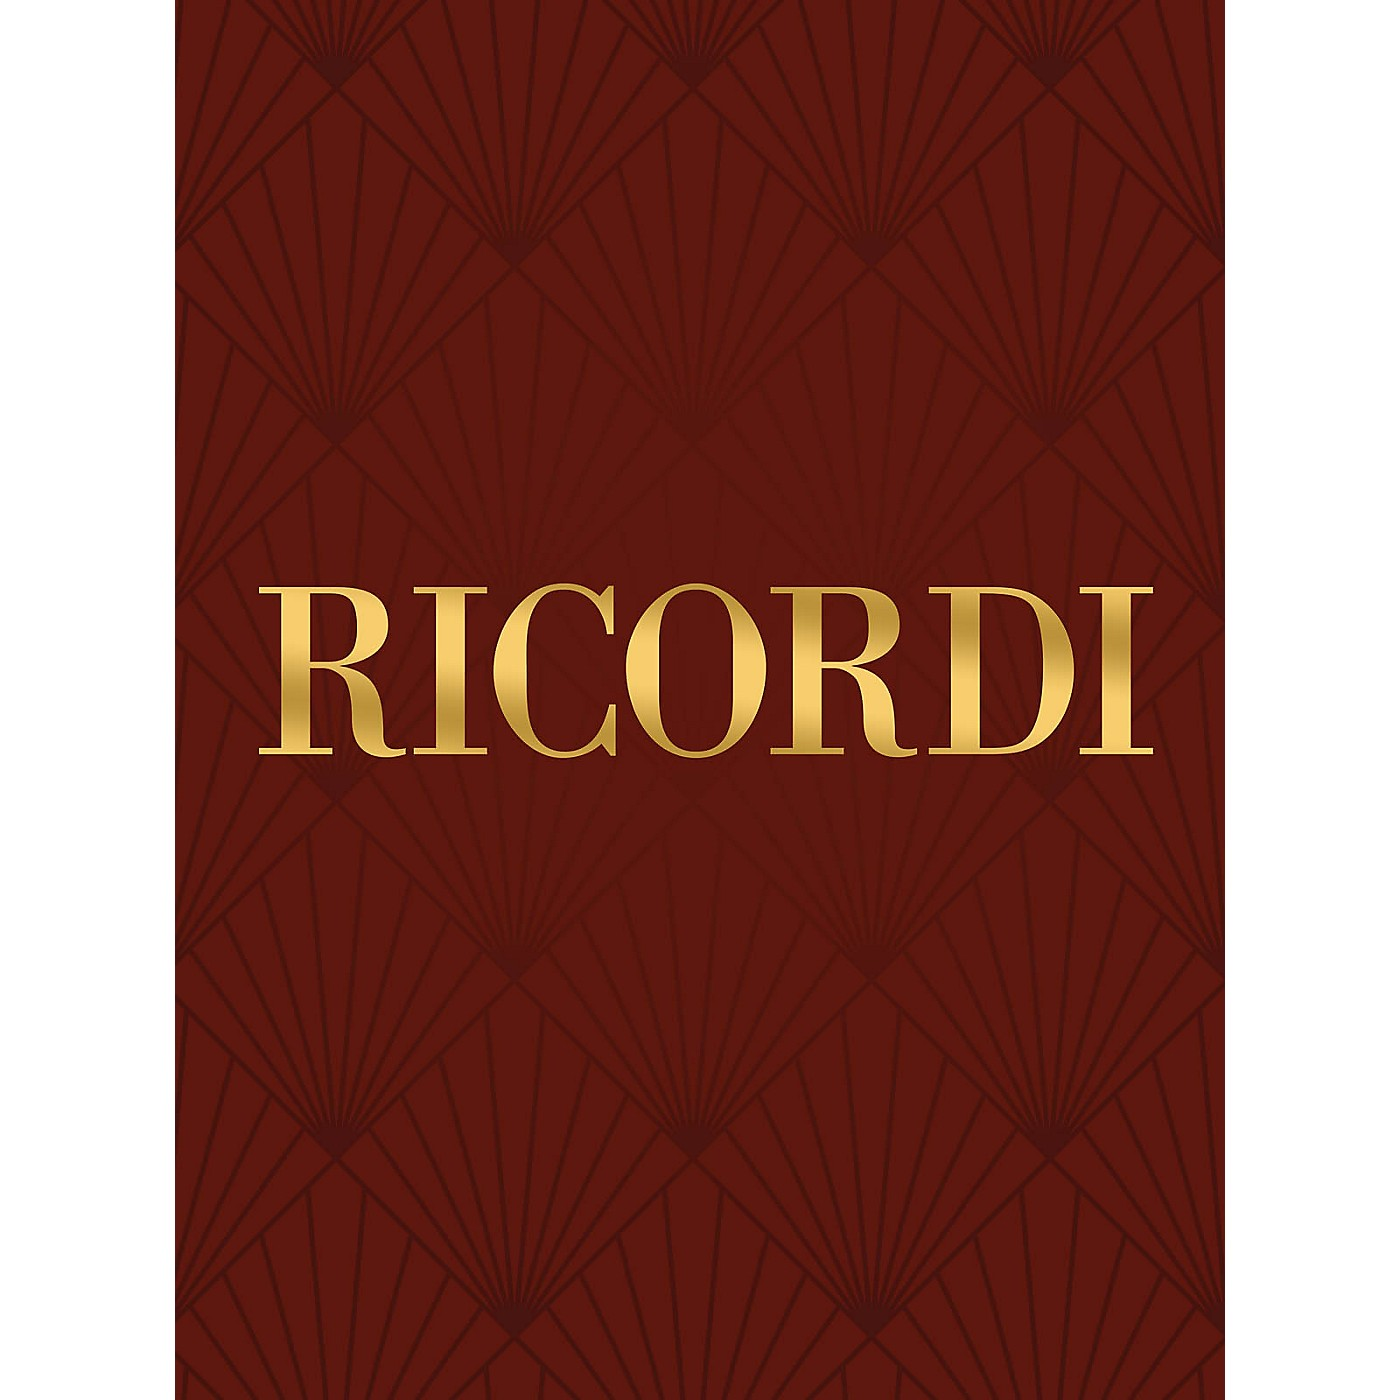 Ricordi Il Mio Primo Bach (Piano Solo) Piano Collection Series Composed by Johann Sebastian Bach thumbnail